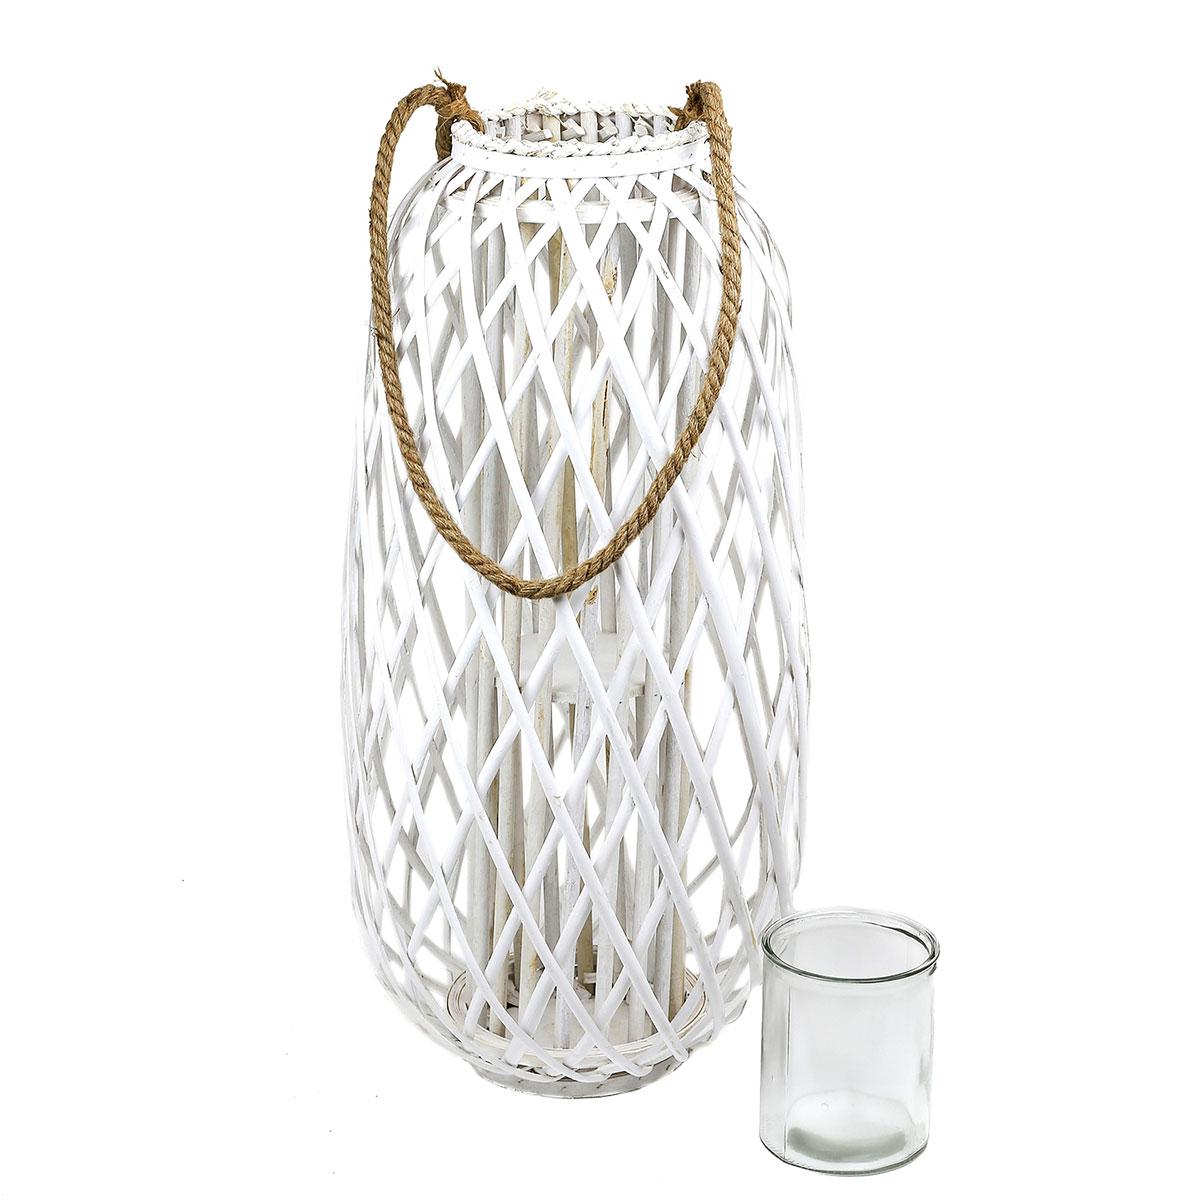 Xxl Laterne Rattan Mit Glas Windlicht Weiss Hohe Ca 70cm